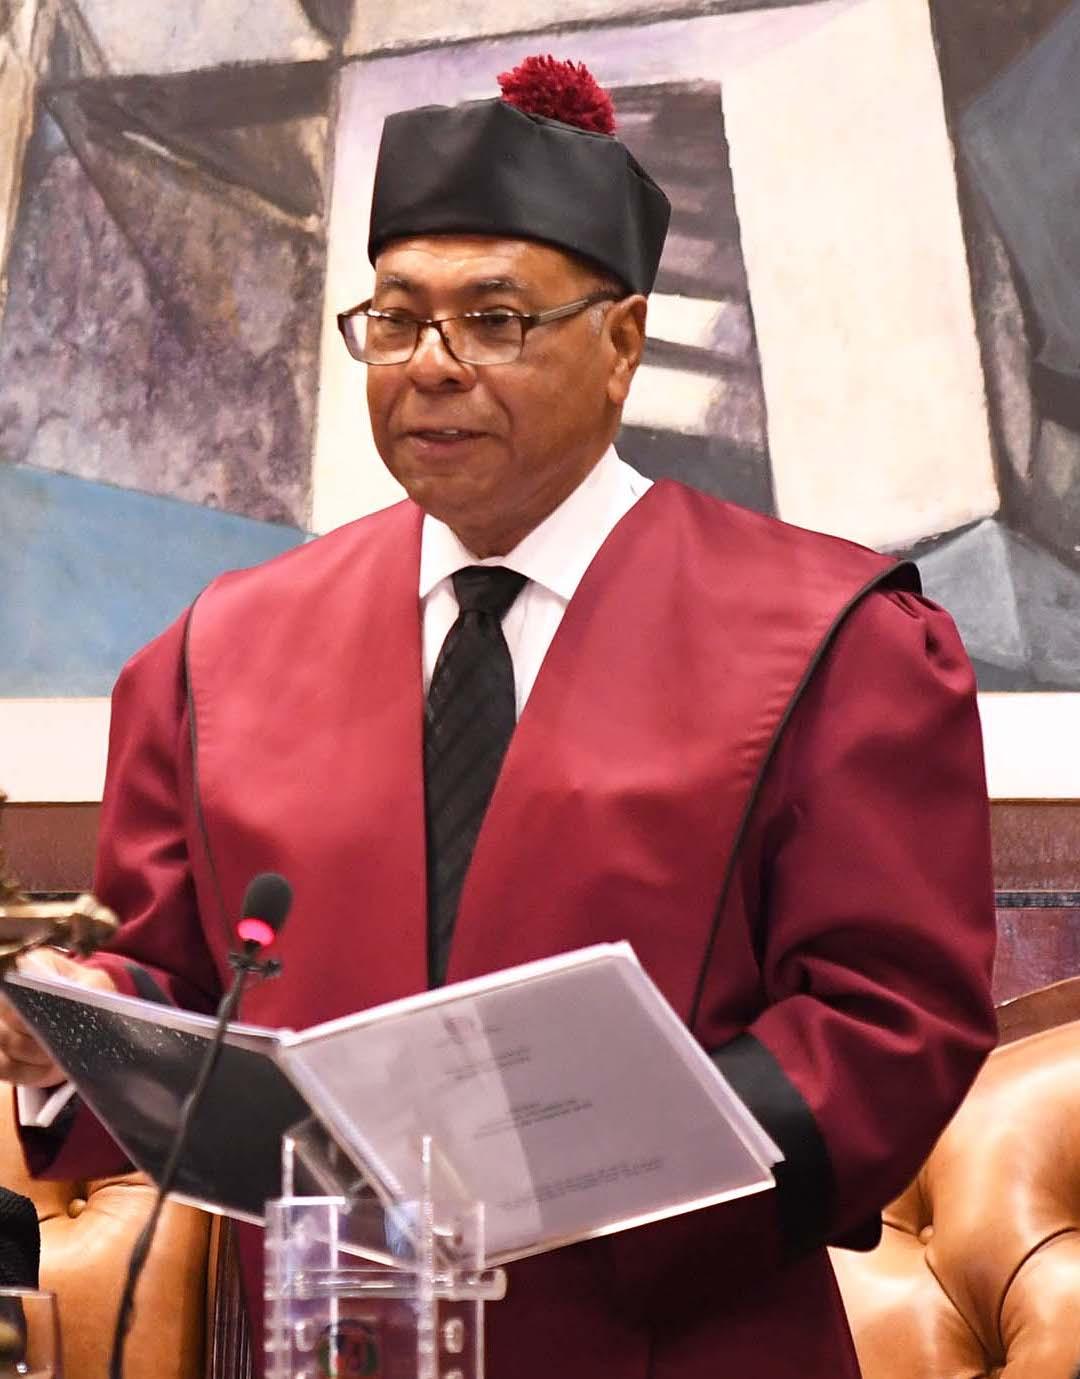 Discurso de rendición de cuentas del juez presidente del Tribunal Constitucional, Mgdo. Milton Ray Guevara, de fecha 25 de enero de 2017.